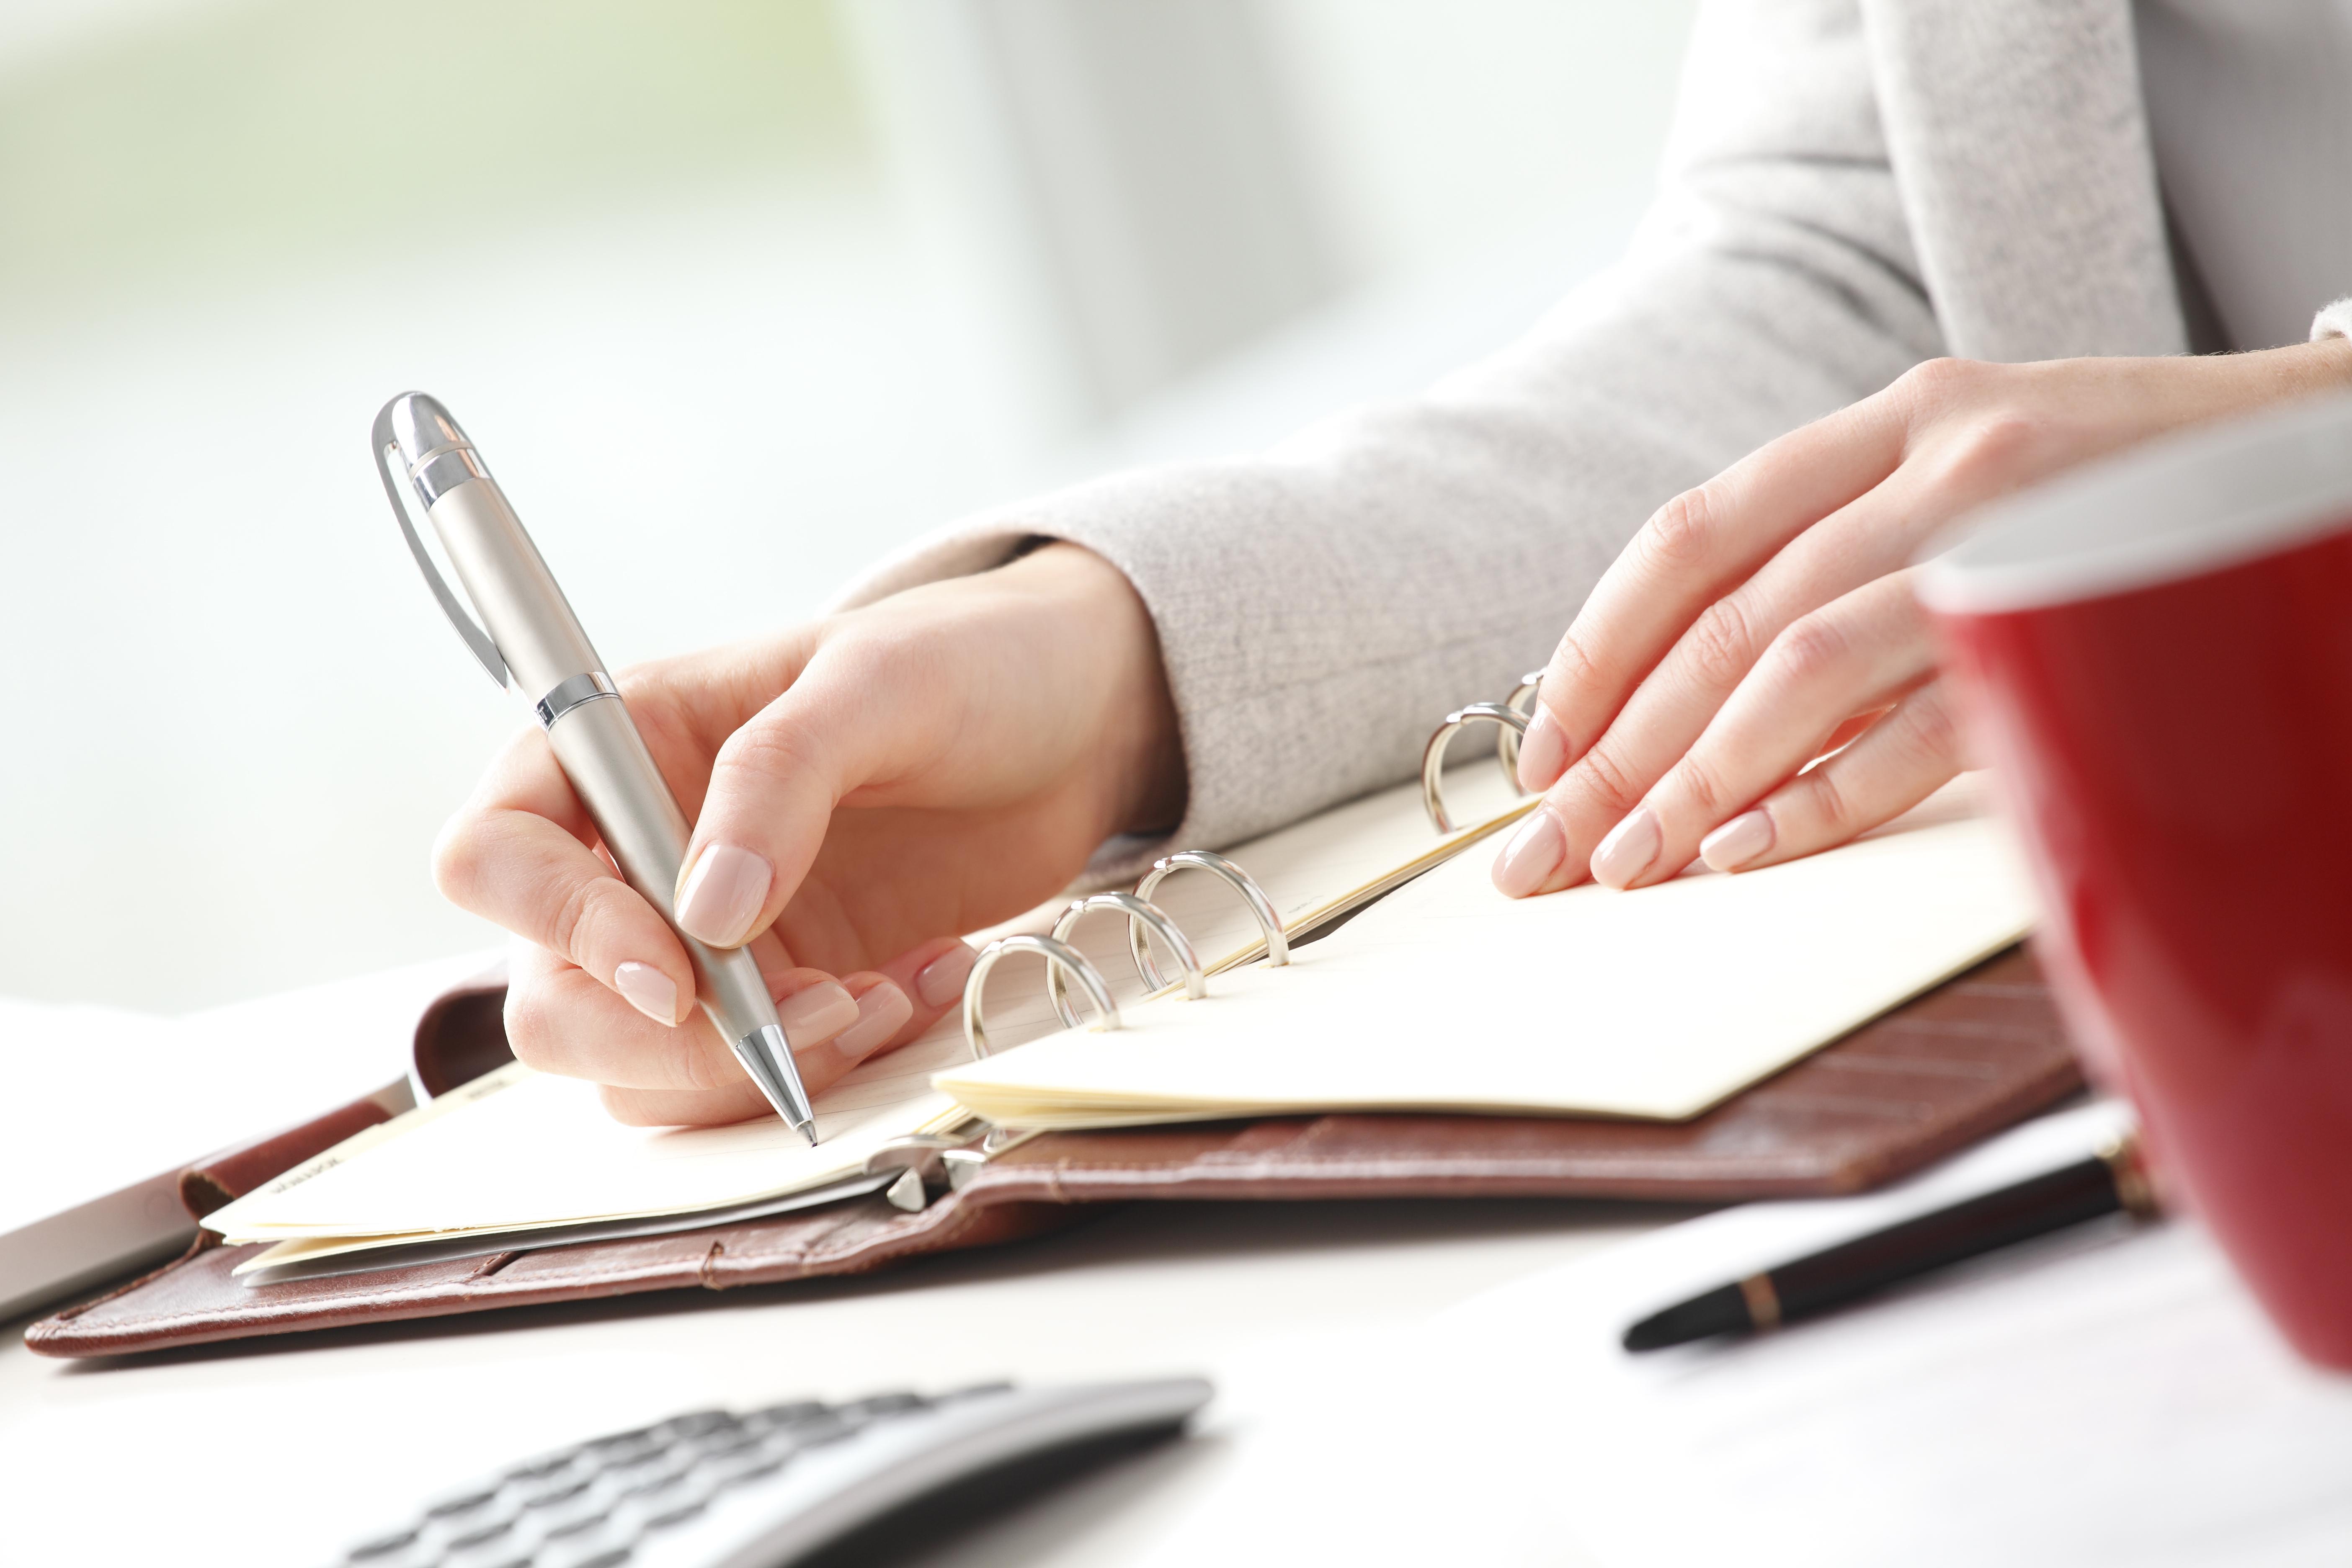 pen write journal table - Представительство в суде первой инстанции